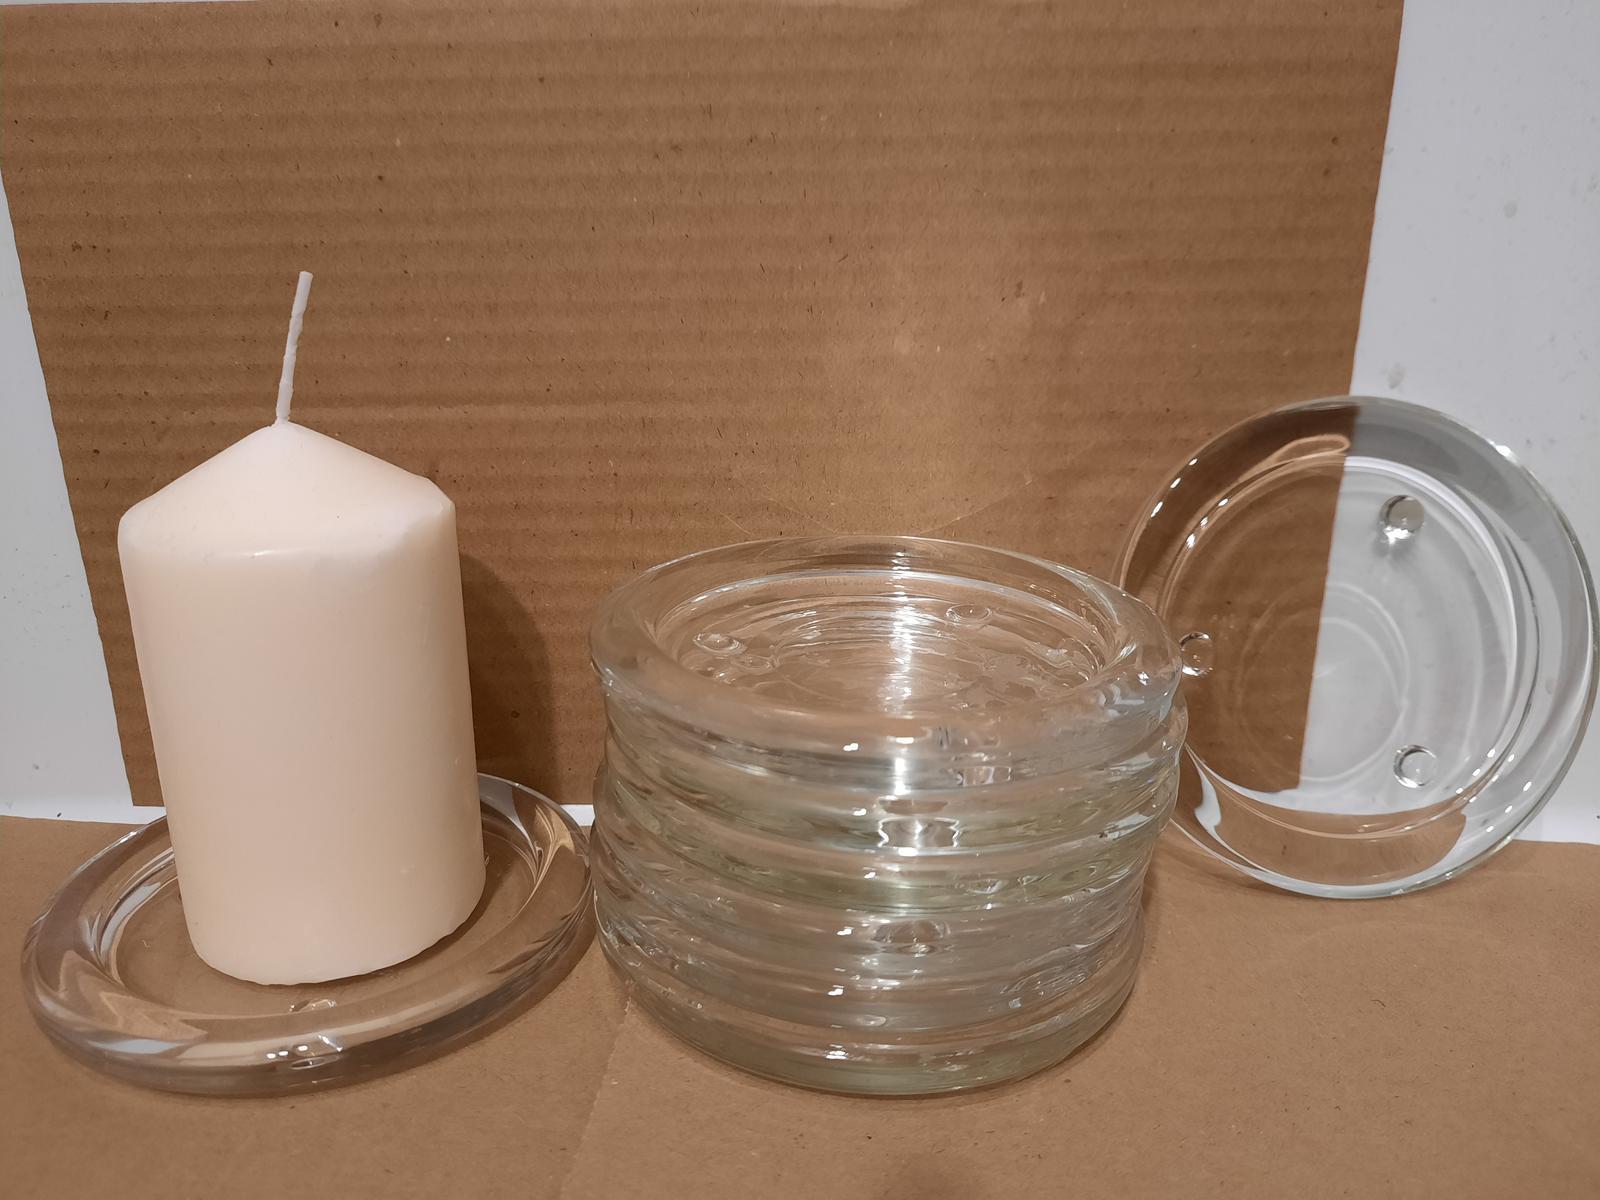 Svíčky a podtácky - Obrázek č. 4